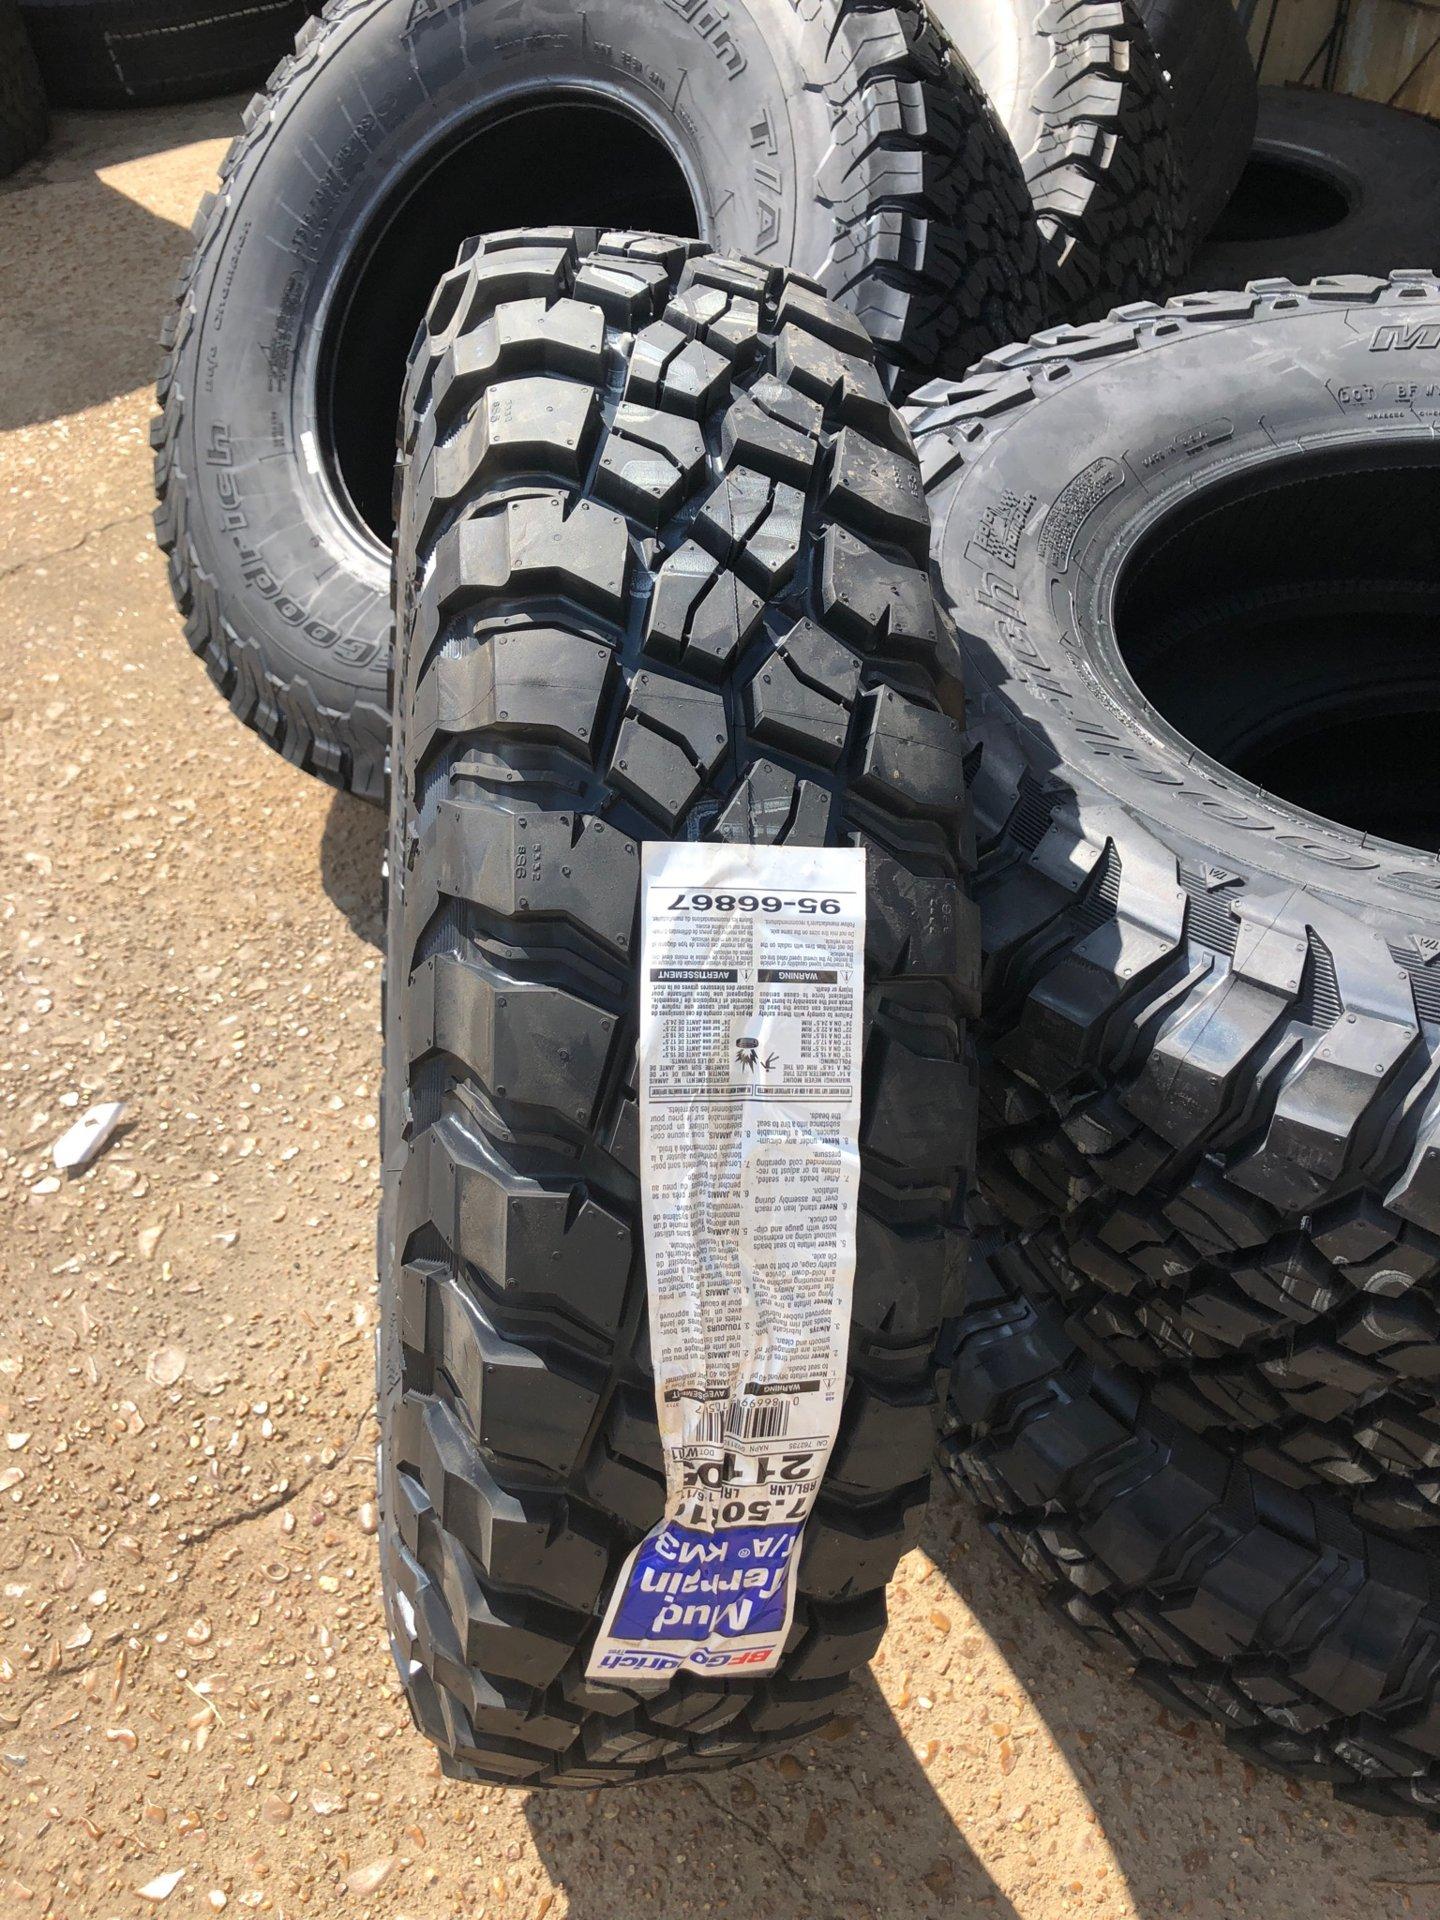 Jeep Mud Tires >> BF GOODRICH KM3   Page 3   IH8MUD Forum